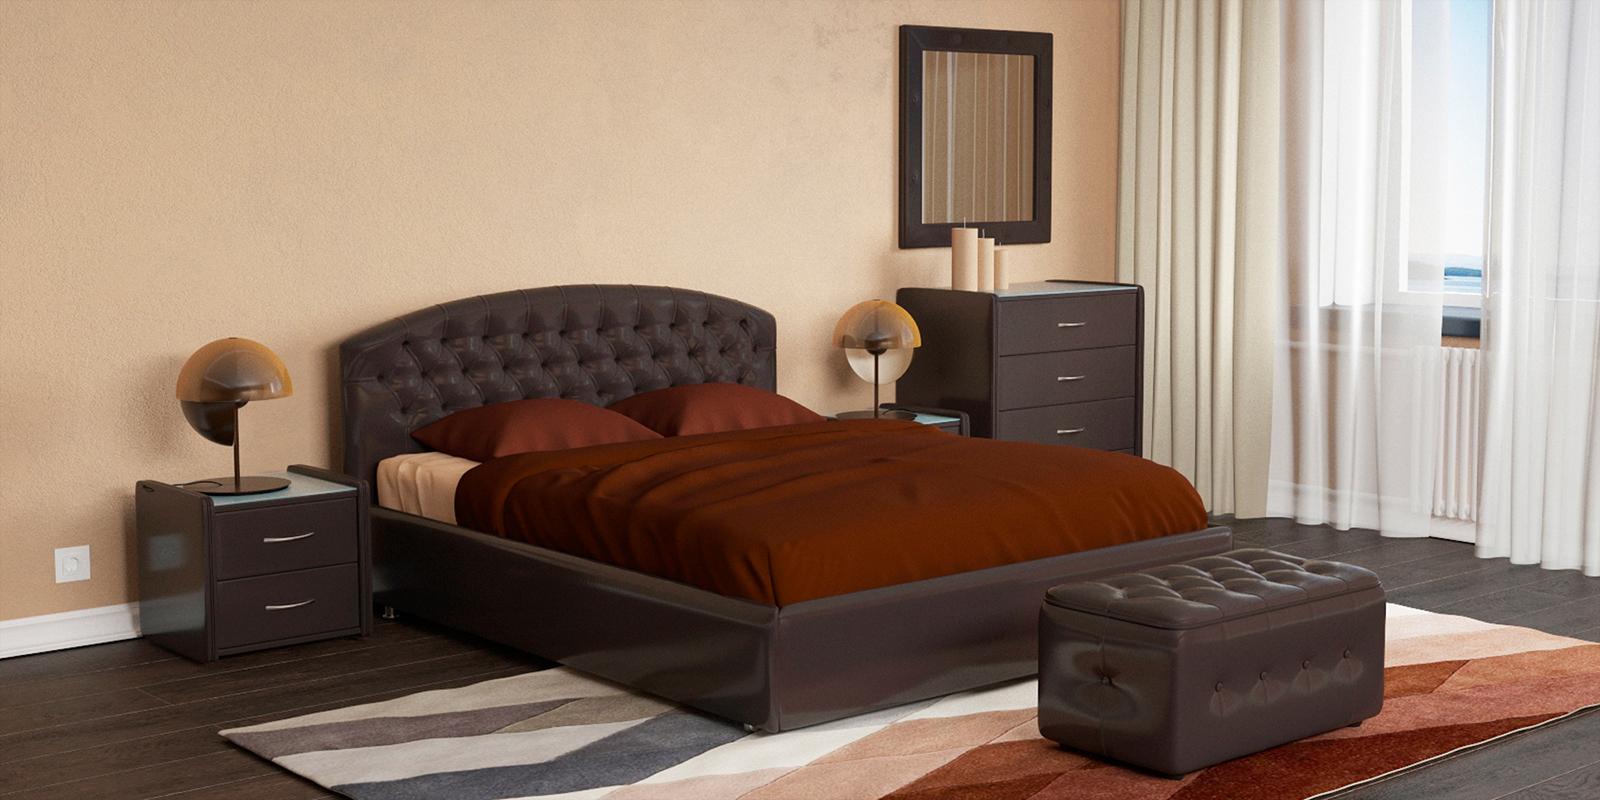 Купить Мягкая кровать 200х160 Малибу вариант №1 с ортопедическим основанием (Шоколад), HomeMe